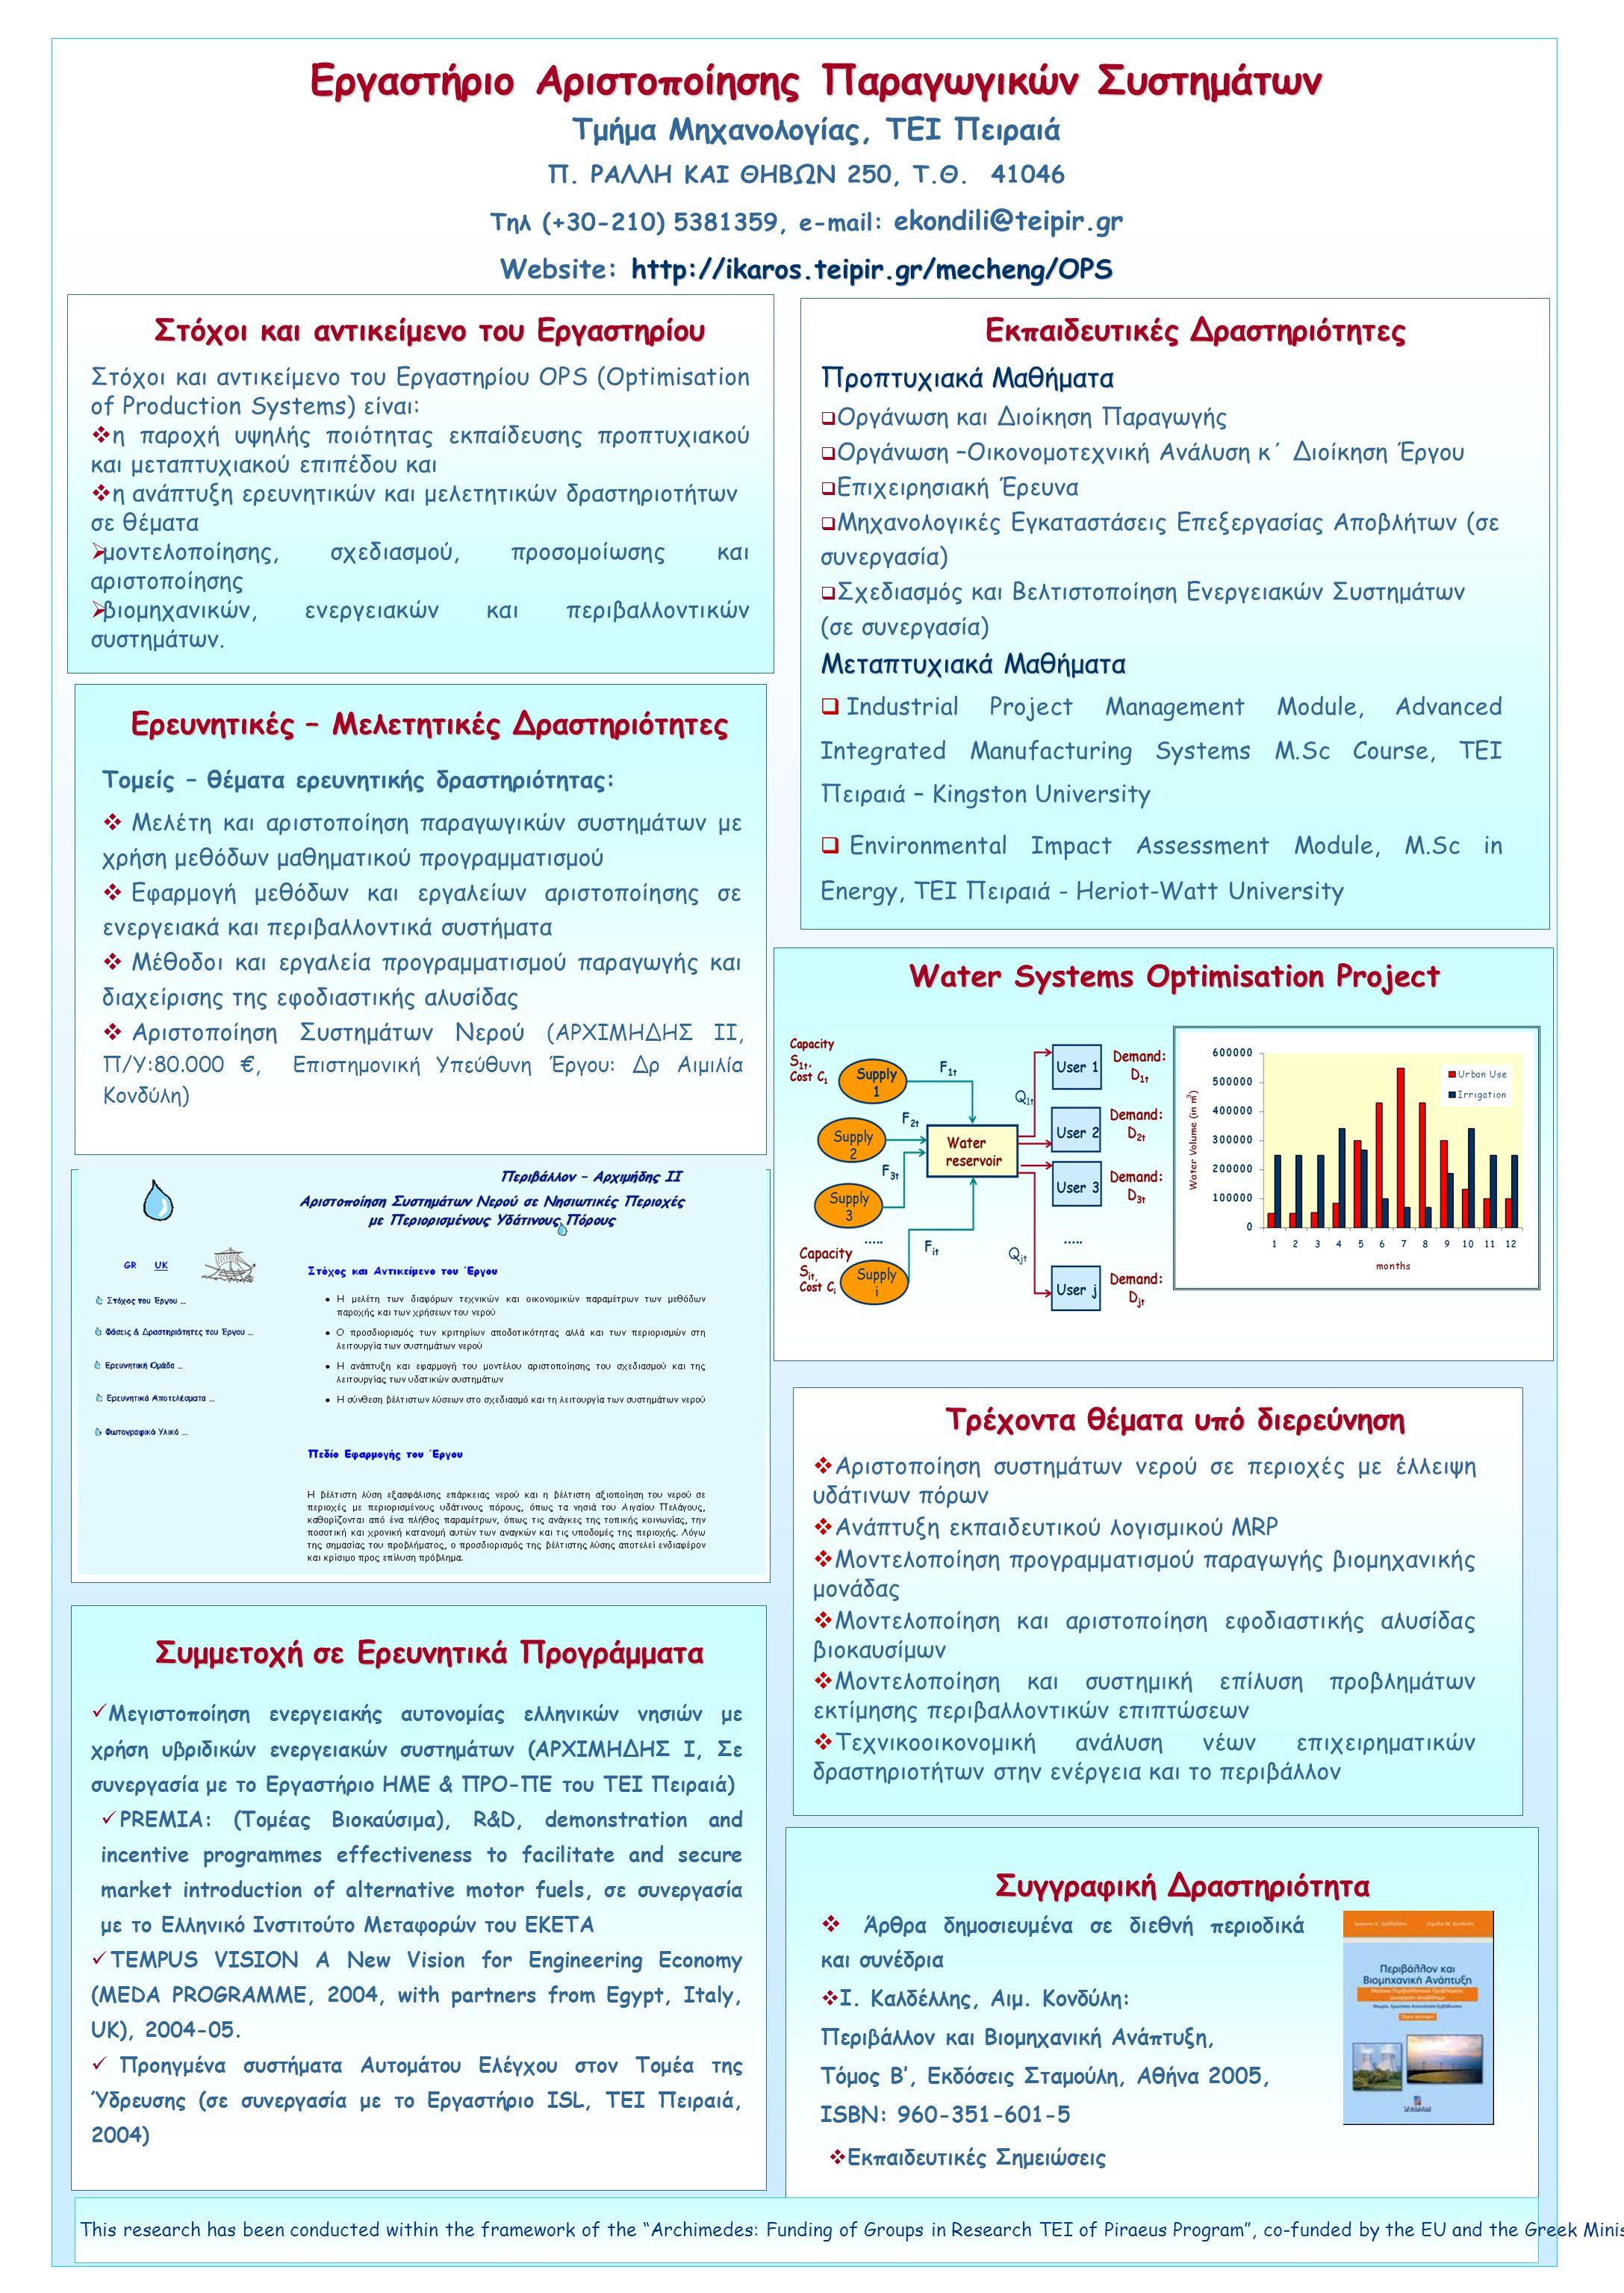 Εργαστήριο Αριστοποίησης Παραγωγικών Συστημάτων Τμήμα Μηχανολογίας, ΤΕΙ Πειραιά Στόχοι και αντικείμενο του Εργαστηρίου  Άρθρα δημοσιευμένα σε διεθνή περιοδικά και συνέδρια  Ι.